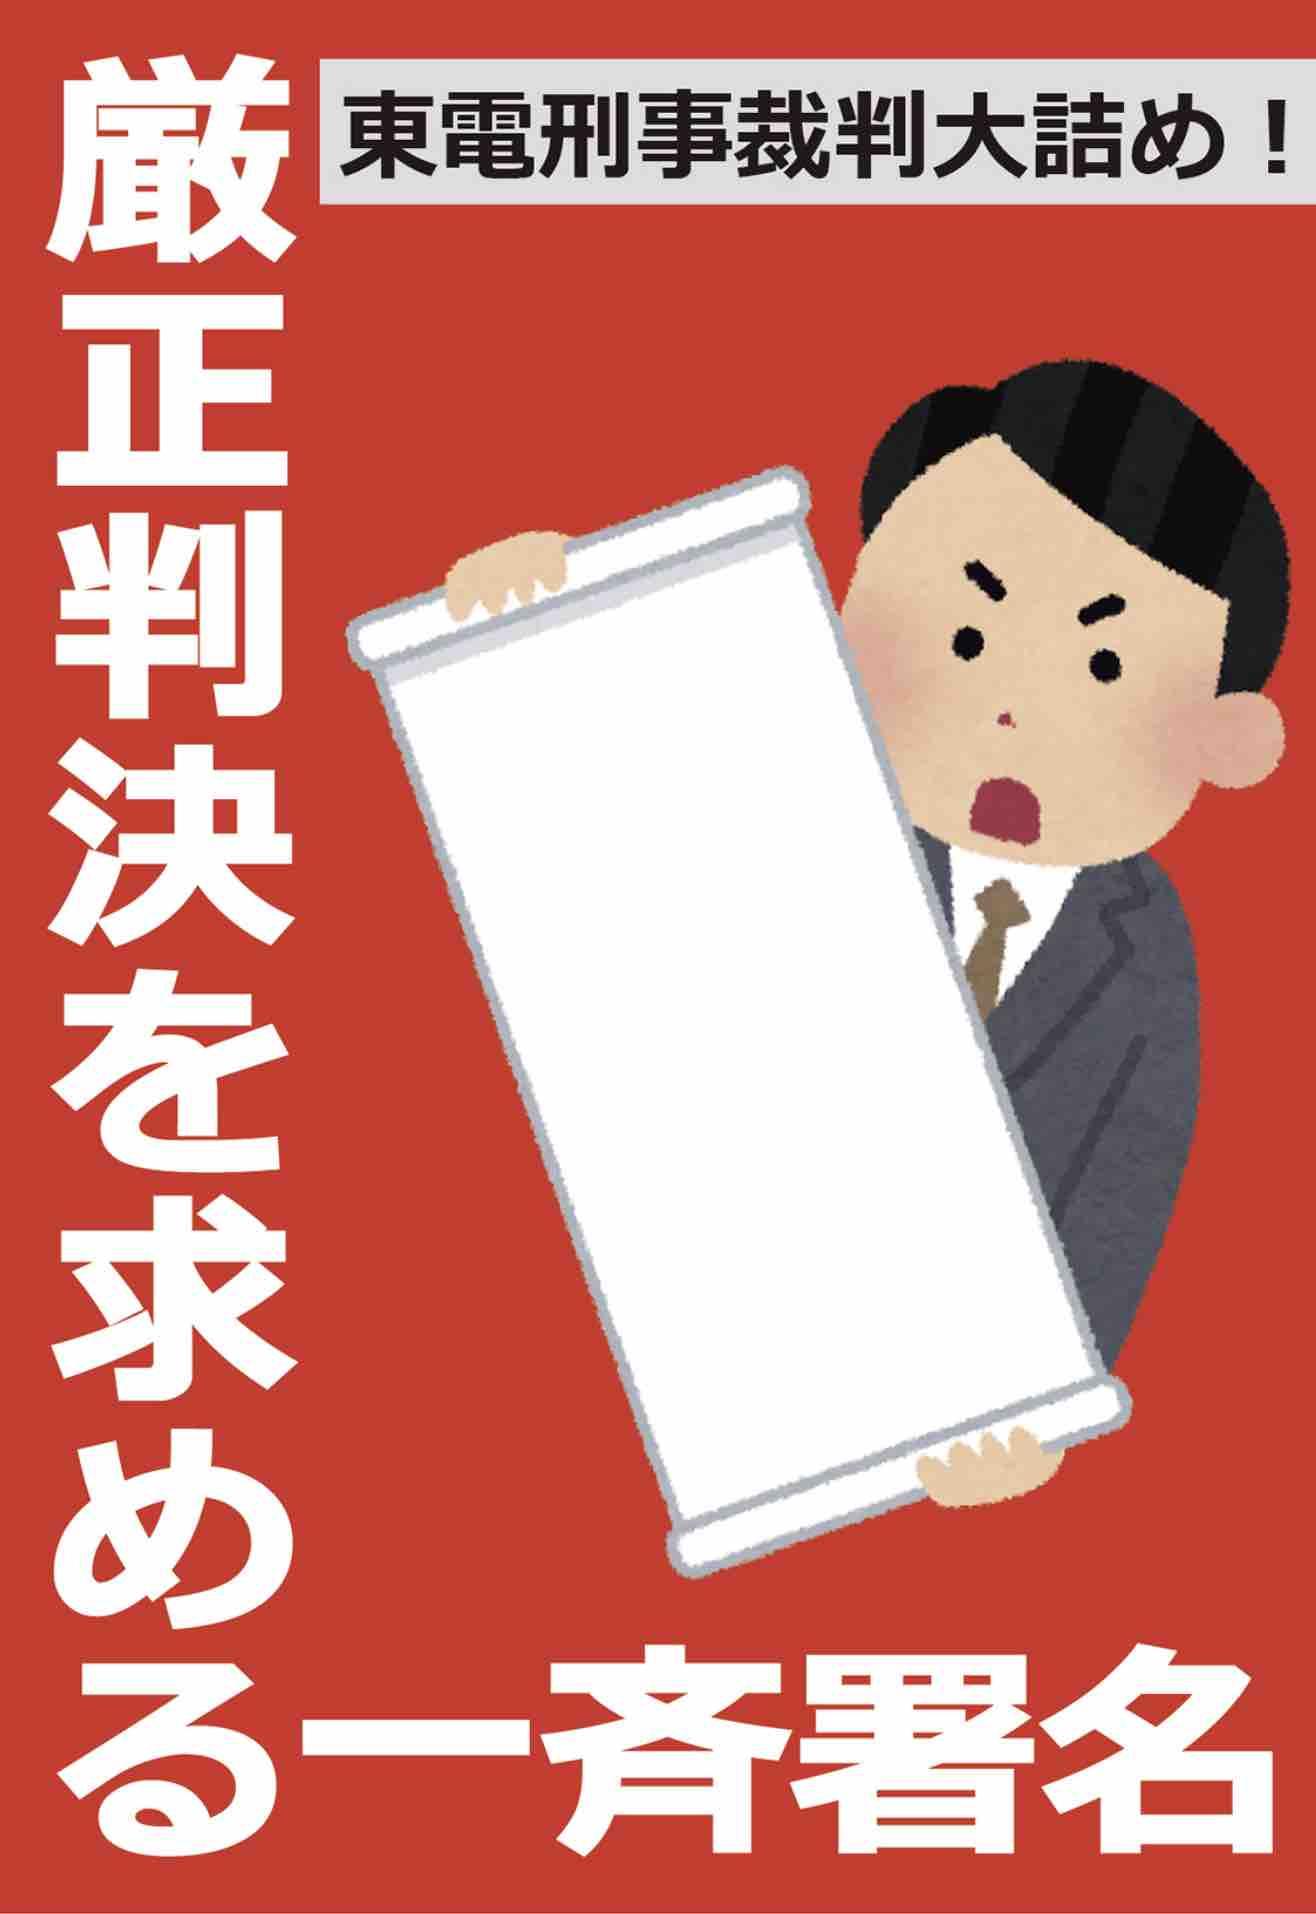 福島原発刑事訴訟「厳正判決署名」一斉署名行動の呼びかけ_e0068696_739459.jpg